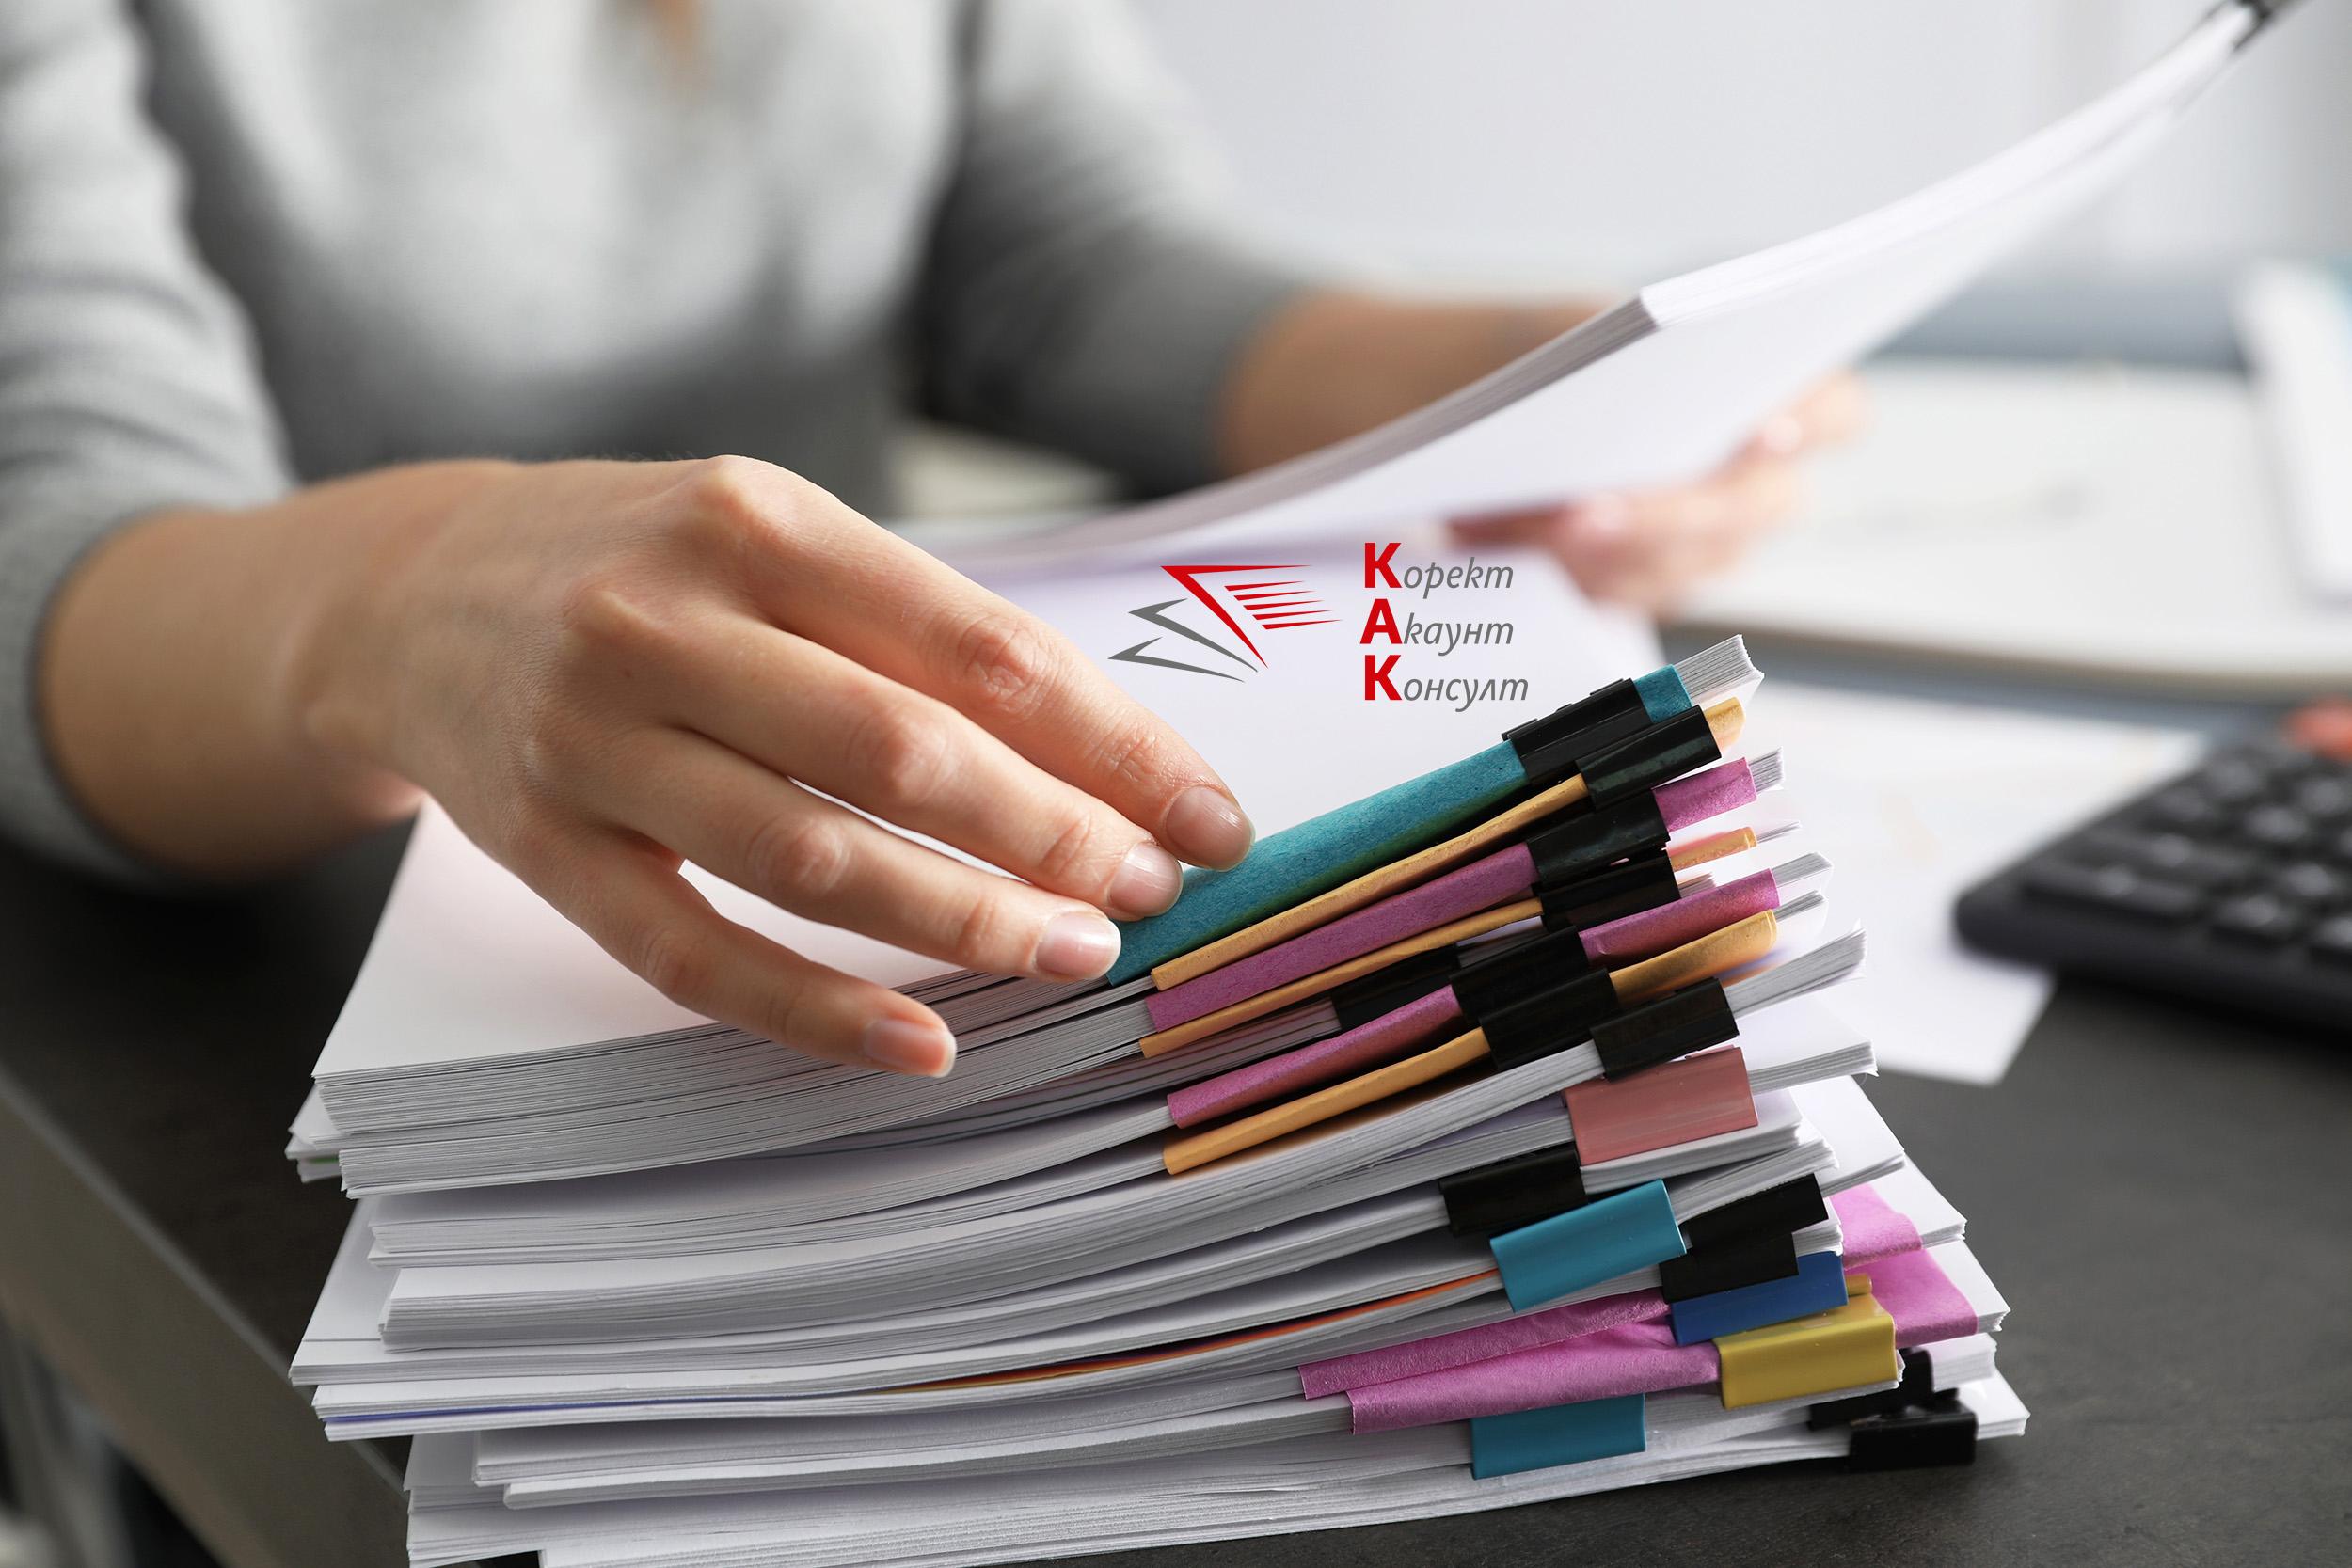 Наредба за изменение и допълнение на Наредба № 1 от 2007 г. за водене, съхраняване и достъп до търговския регистър и до регистъра на юридическите лица с нестопанска цел